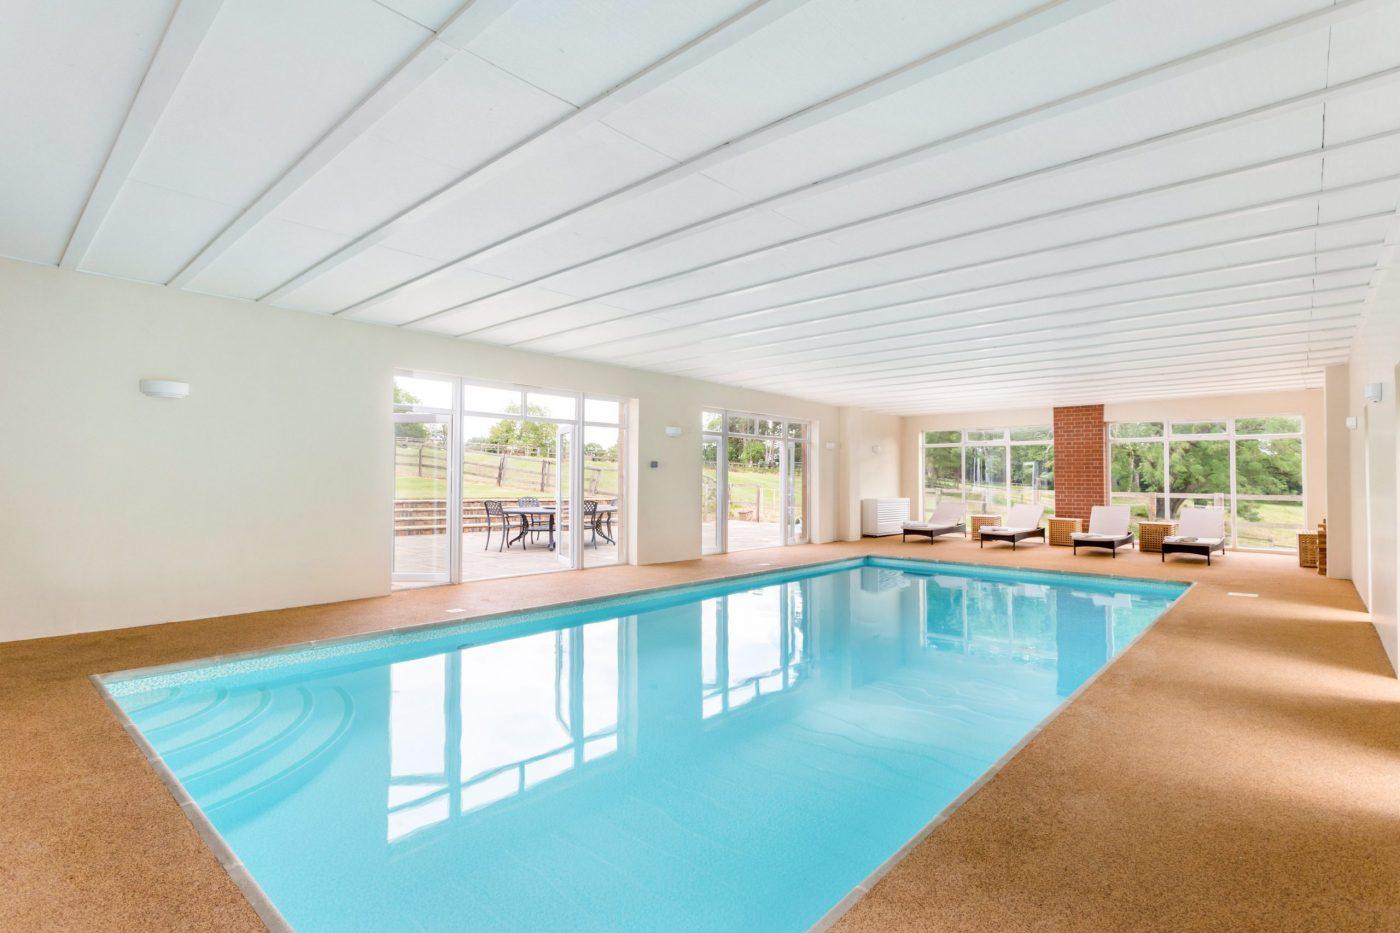 Você gostaria de se mudar para esta propriedade de cinco quartos com estábulos, nove hectares, piscina coberta e anexo? 7